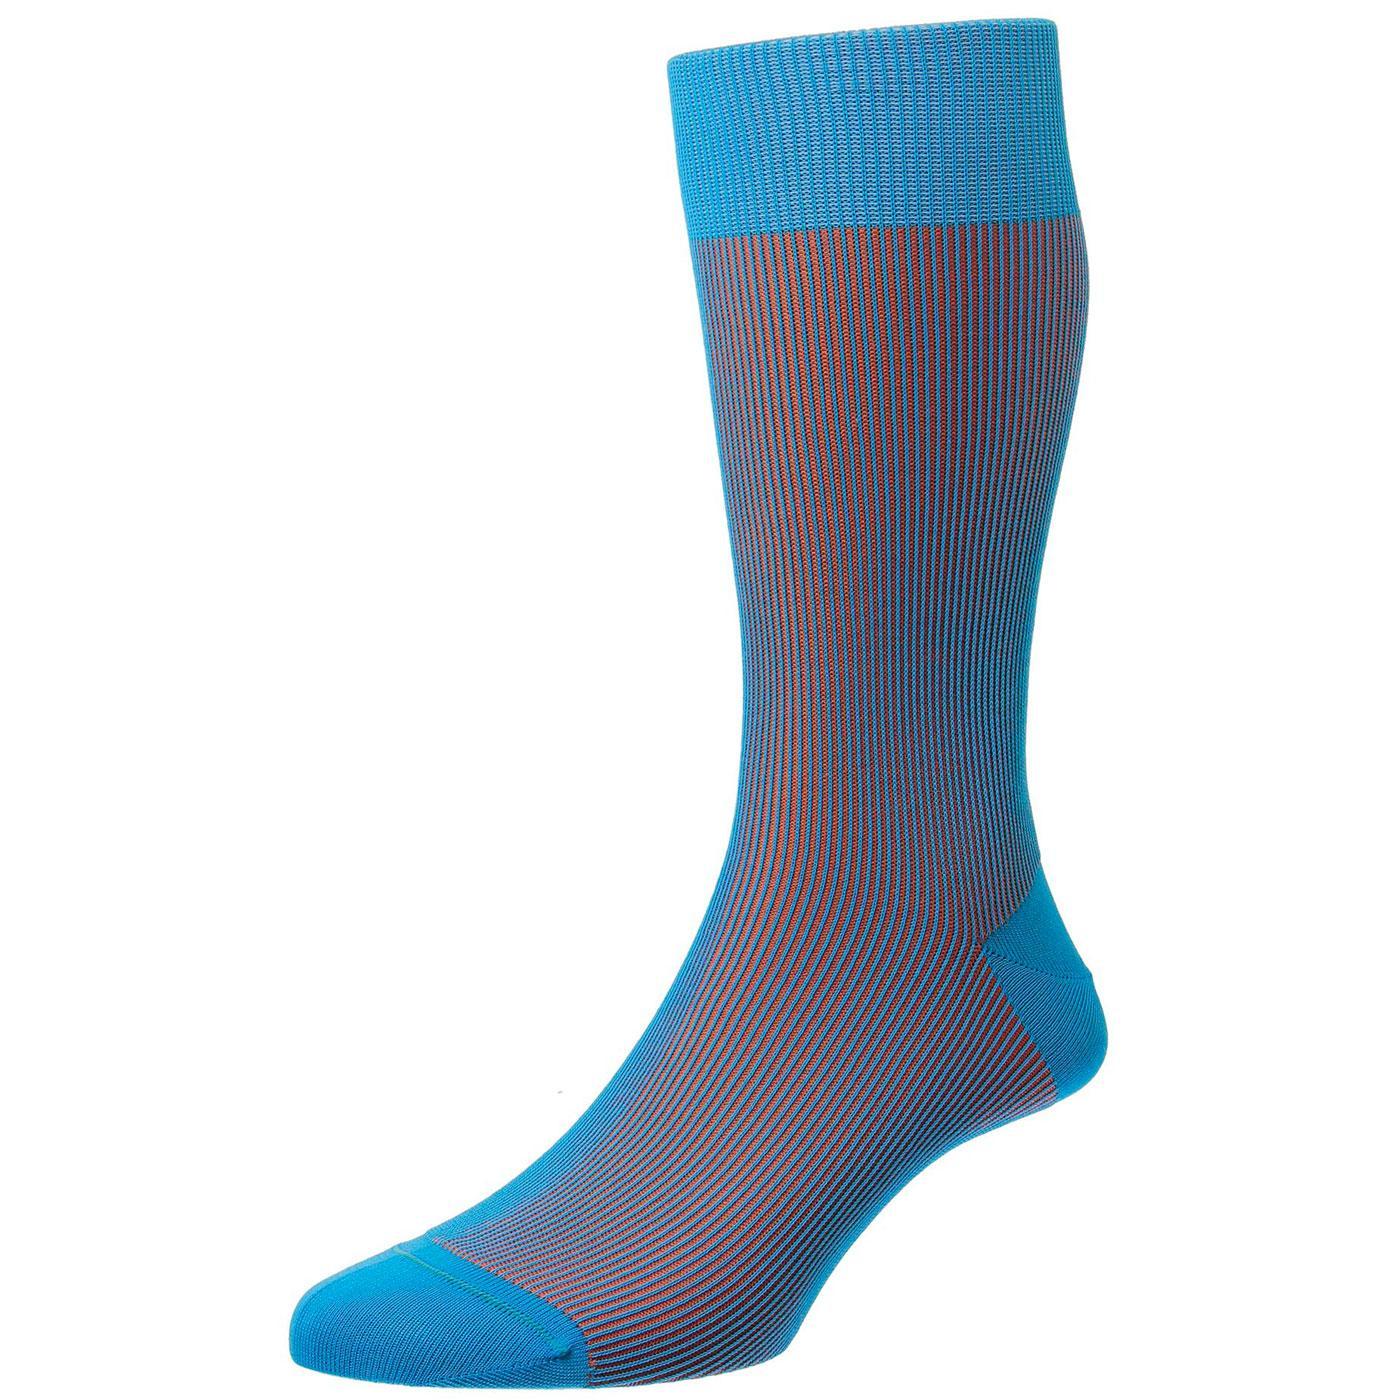 + Santos PANTHERELLA Men's Tonic Effect Socks T